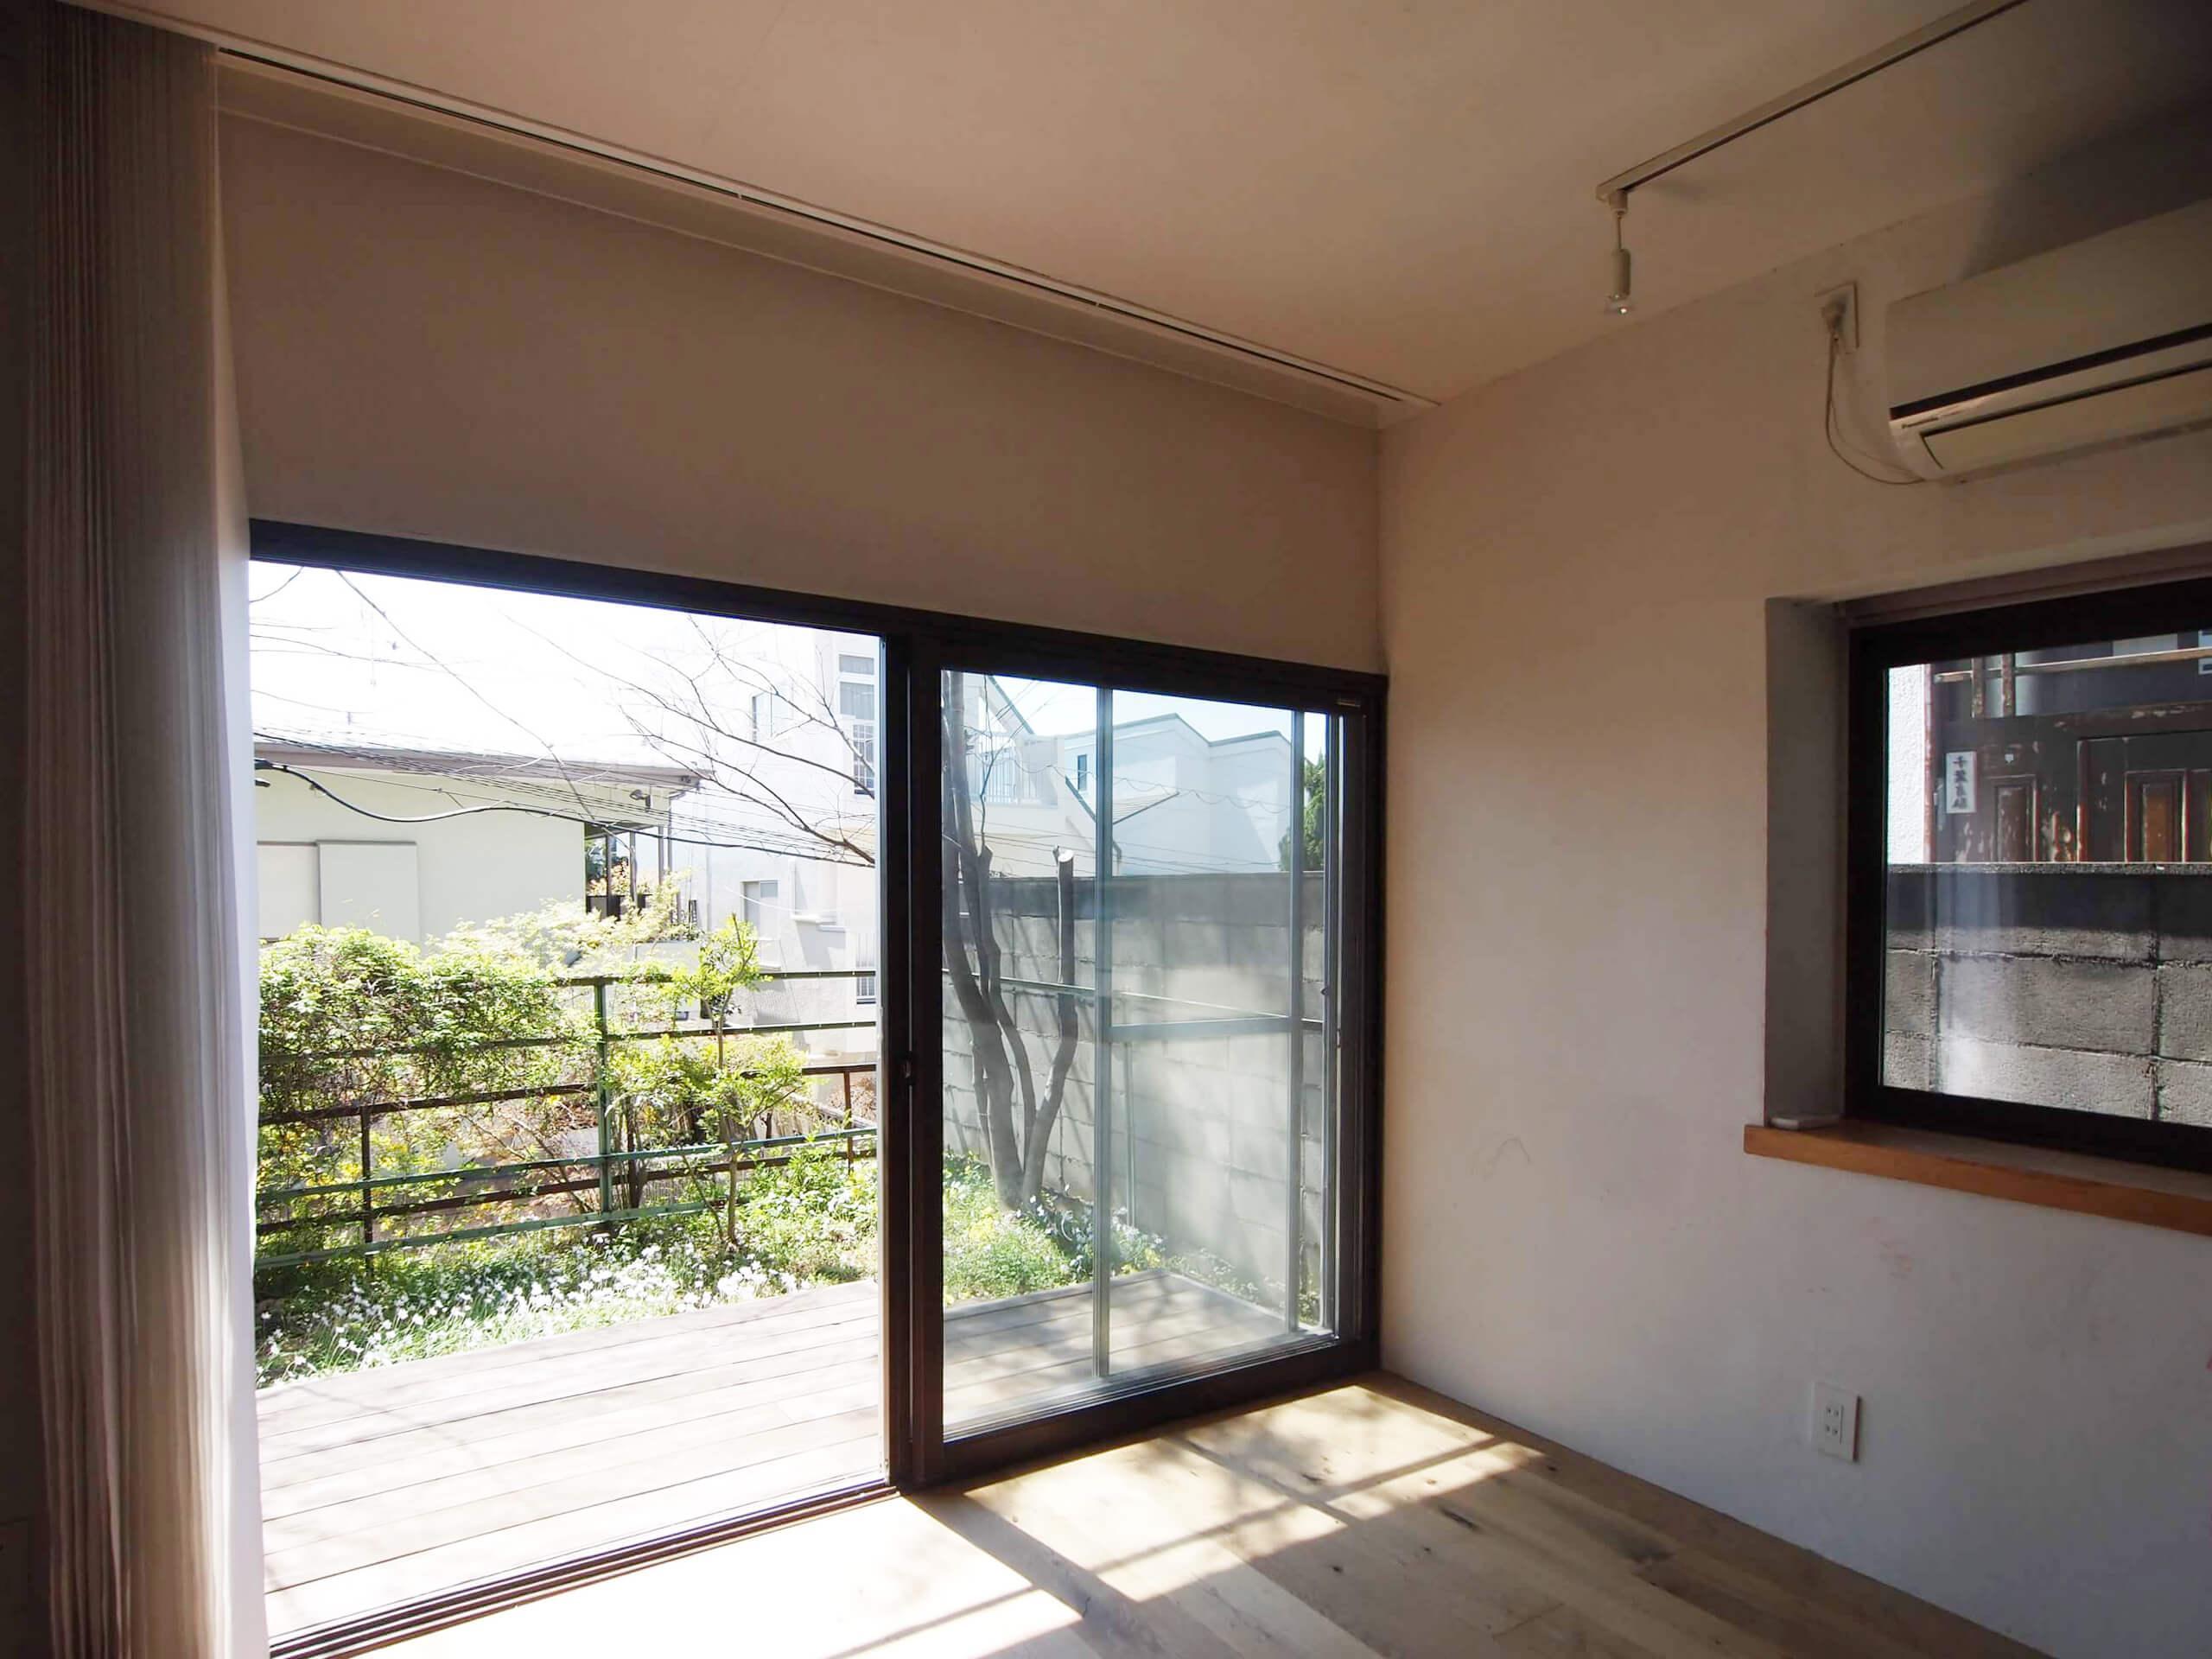 【リビング】大きな窓から庭にでられる(3月撮影)